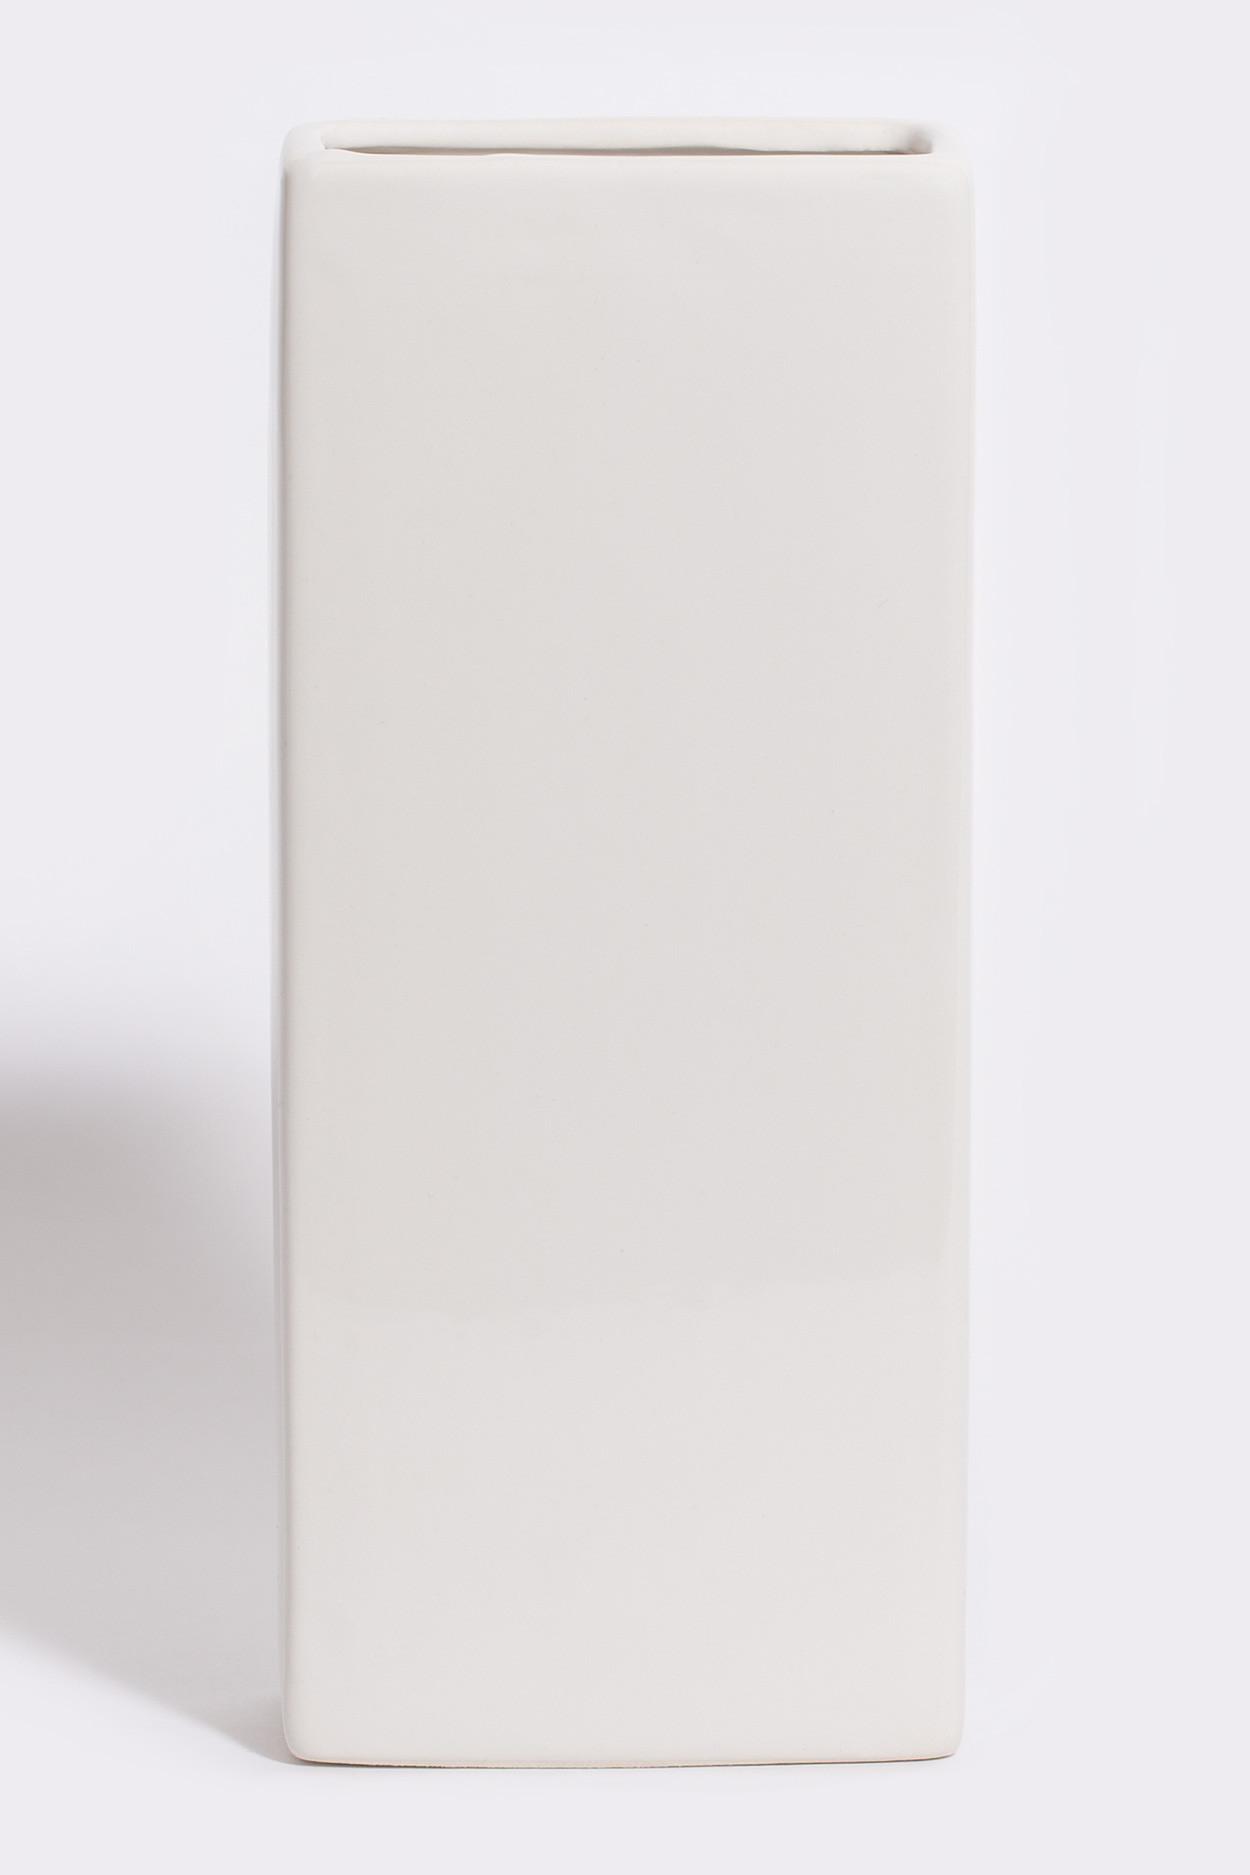 Керамический увлажнитель на батарею Классик